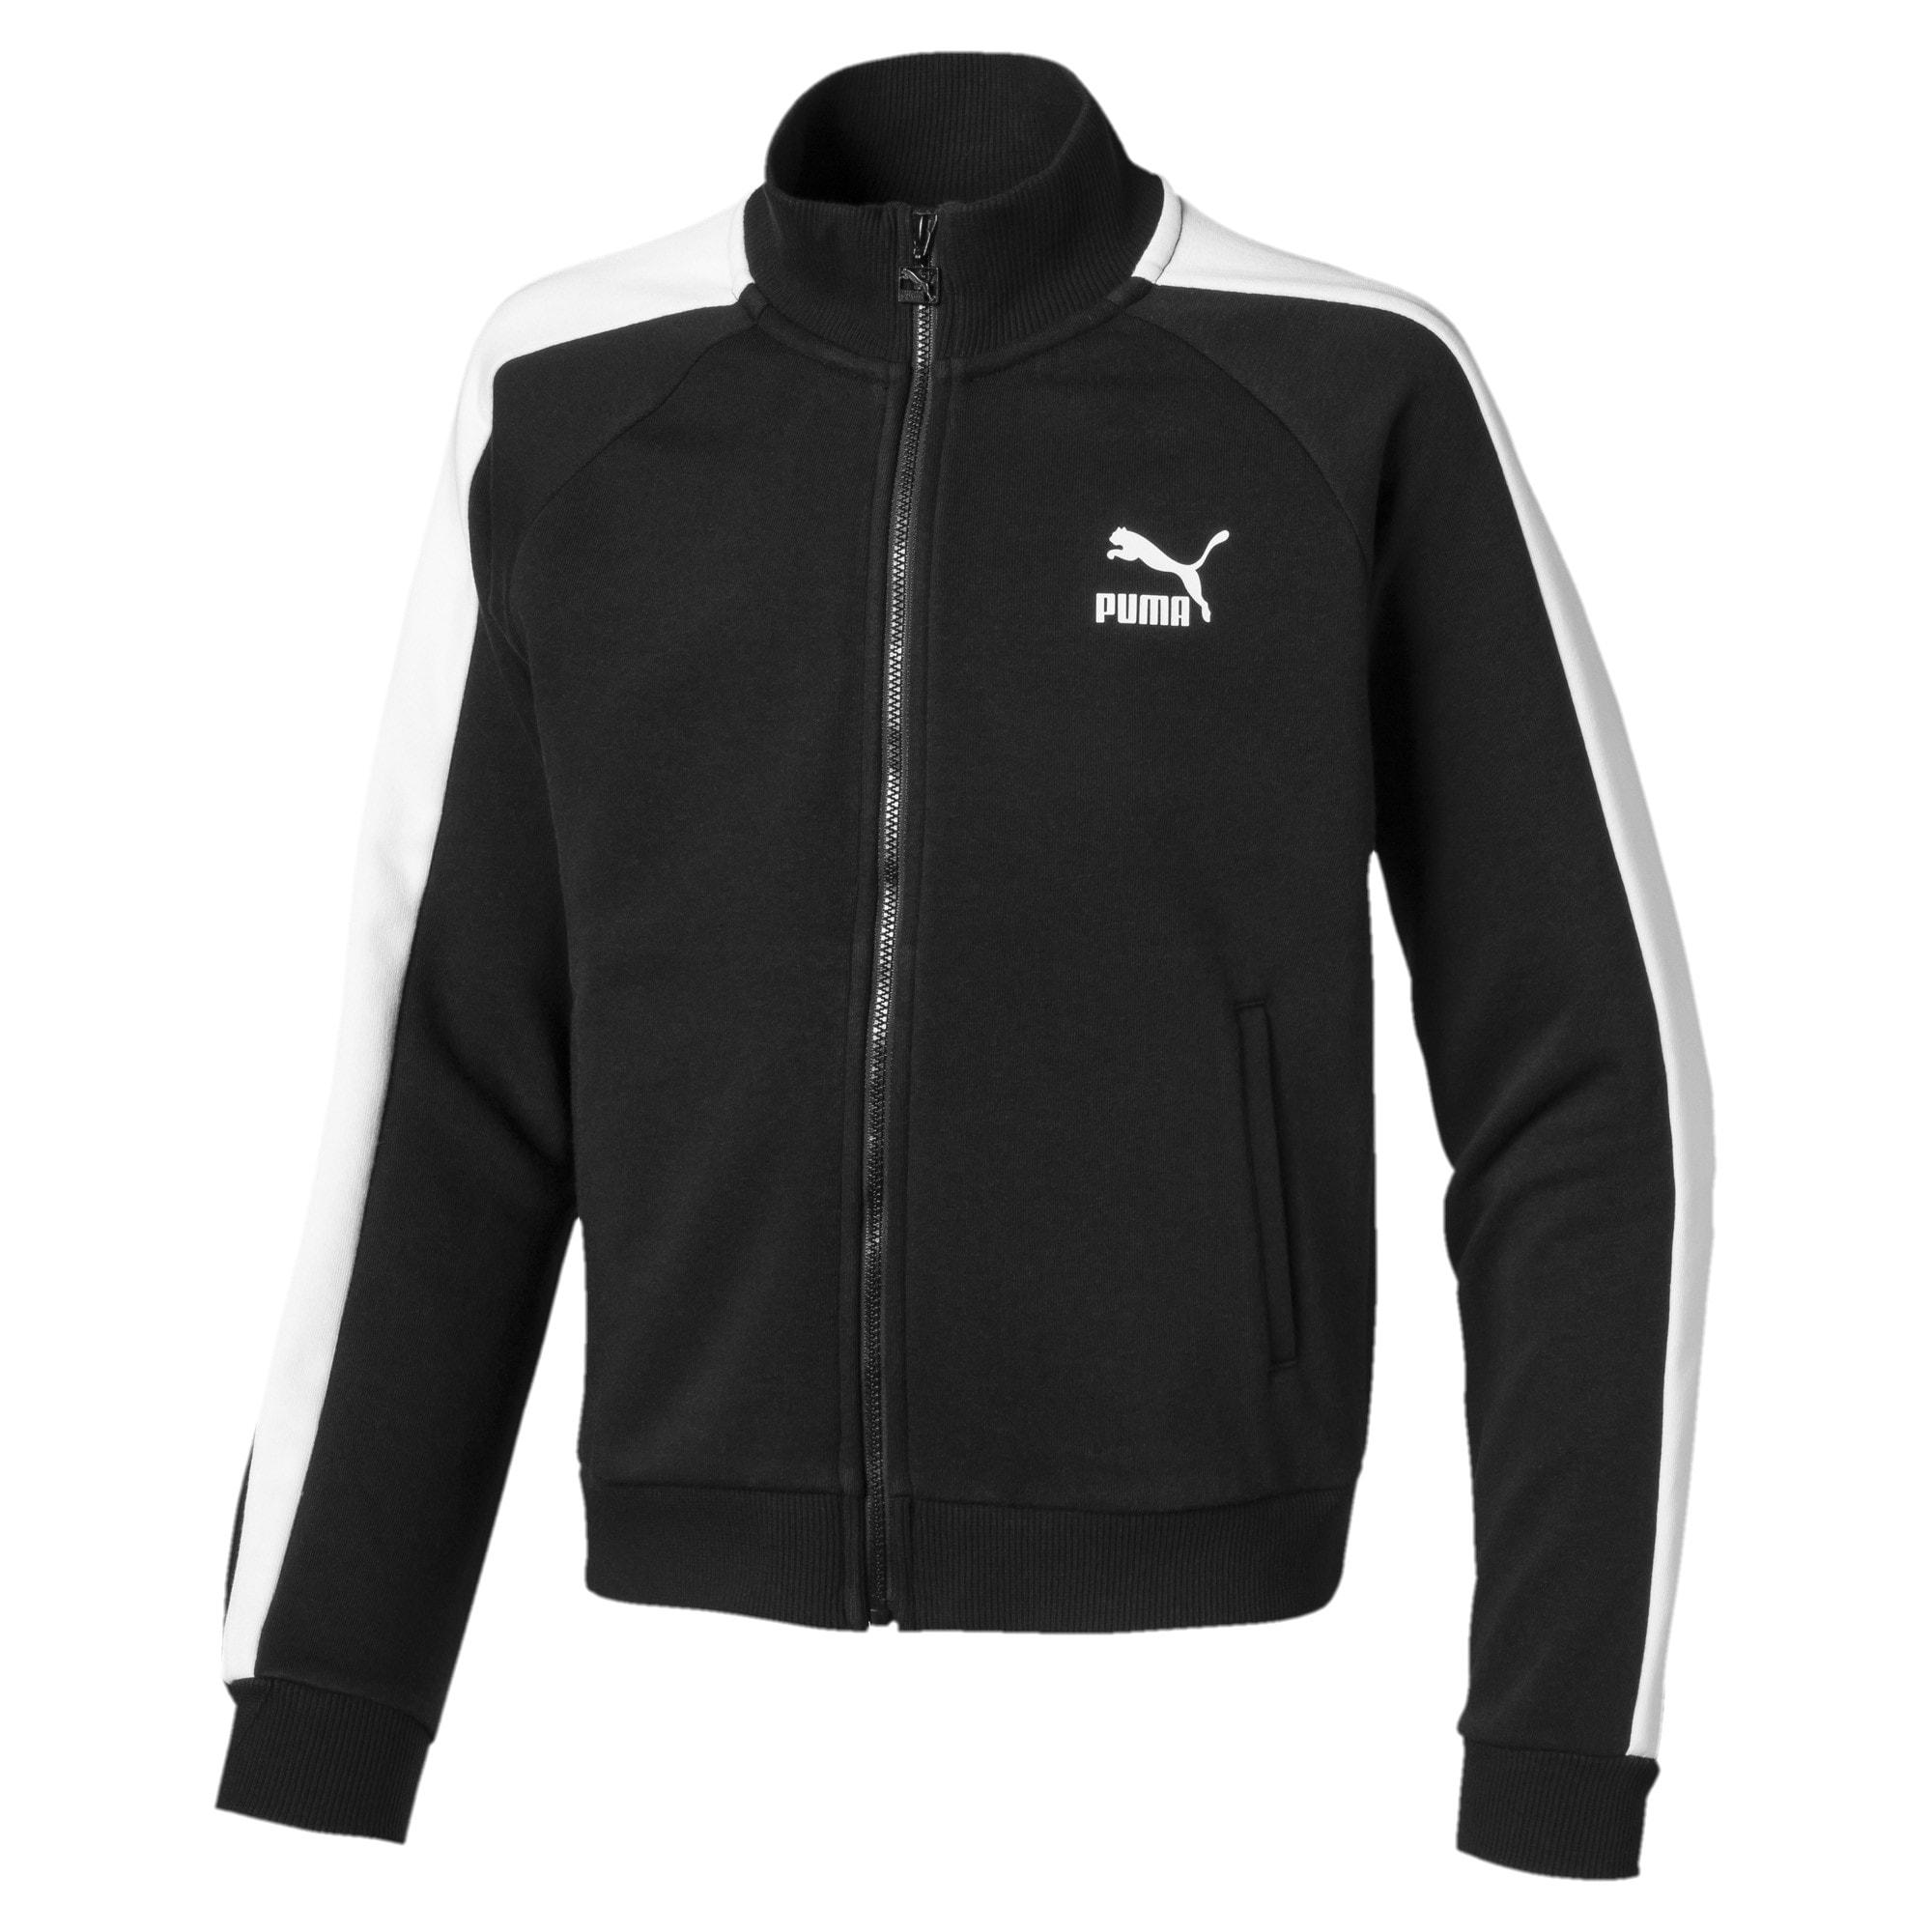 Thumbnail 1 of Classics T7 Girls' Sweat Jacket, Puma Black, medium-IND